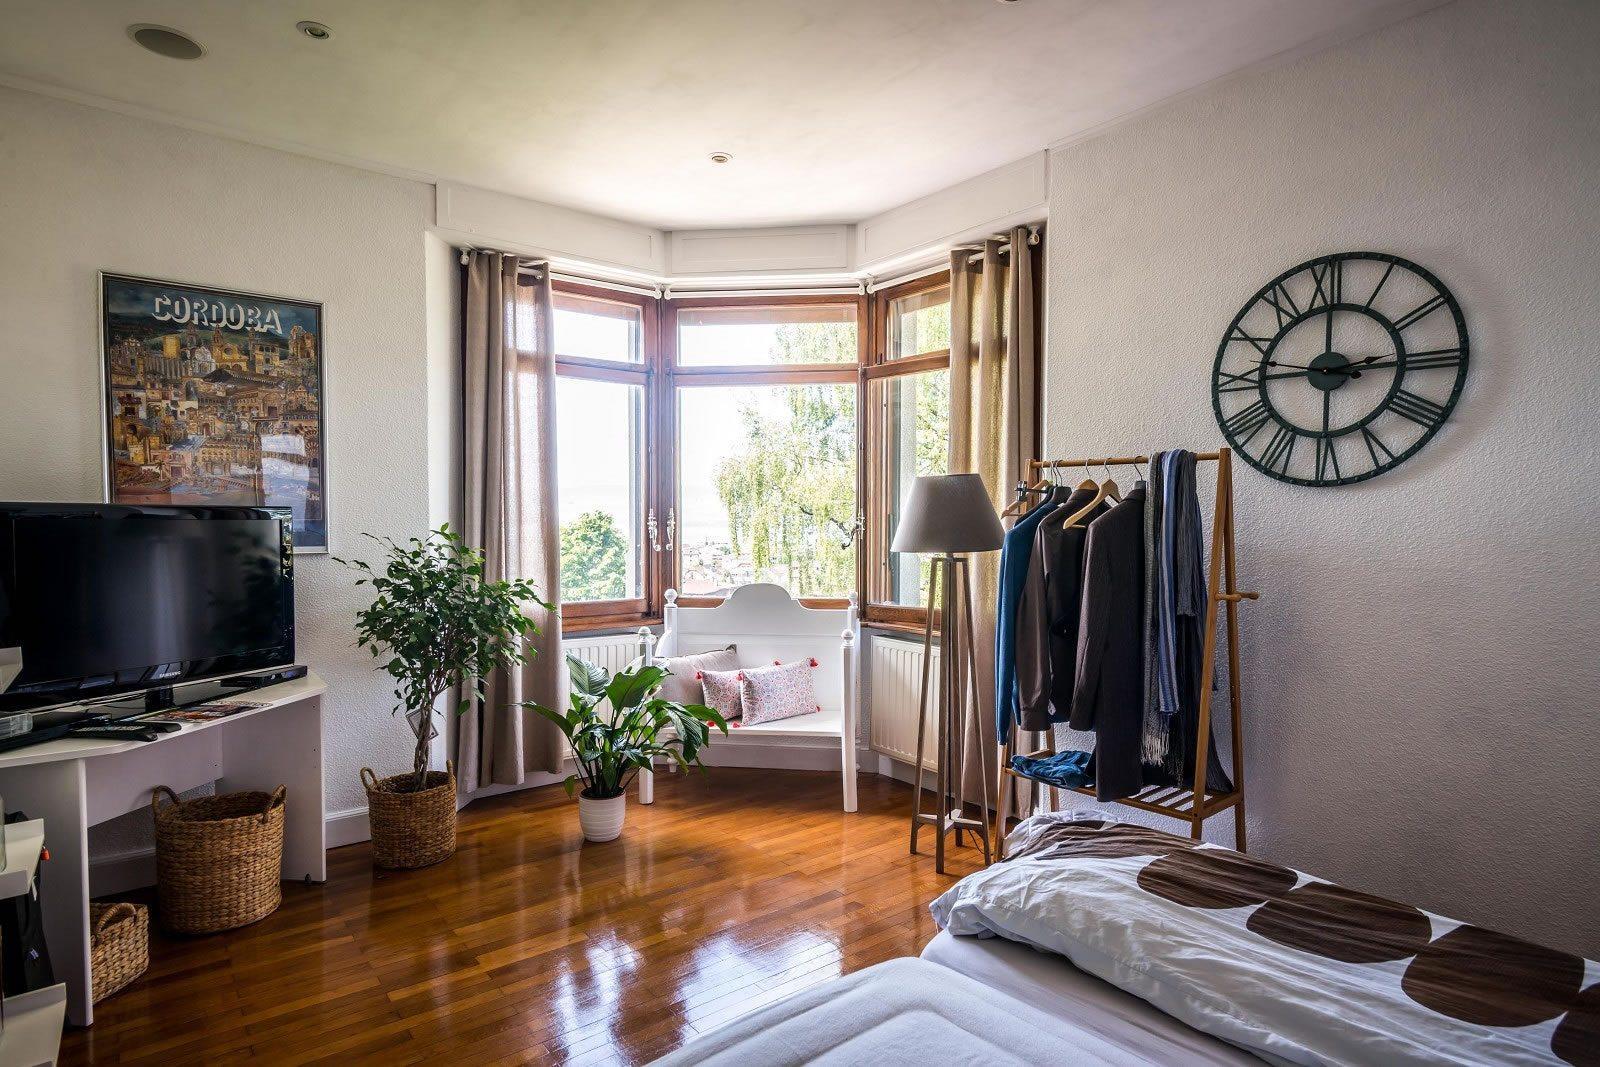 exceptionnel-hotel-particulier-a-vendre-thonon-les-bains-parc-sauna-hammam-jacuzzi-parking